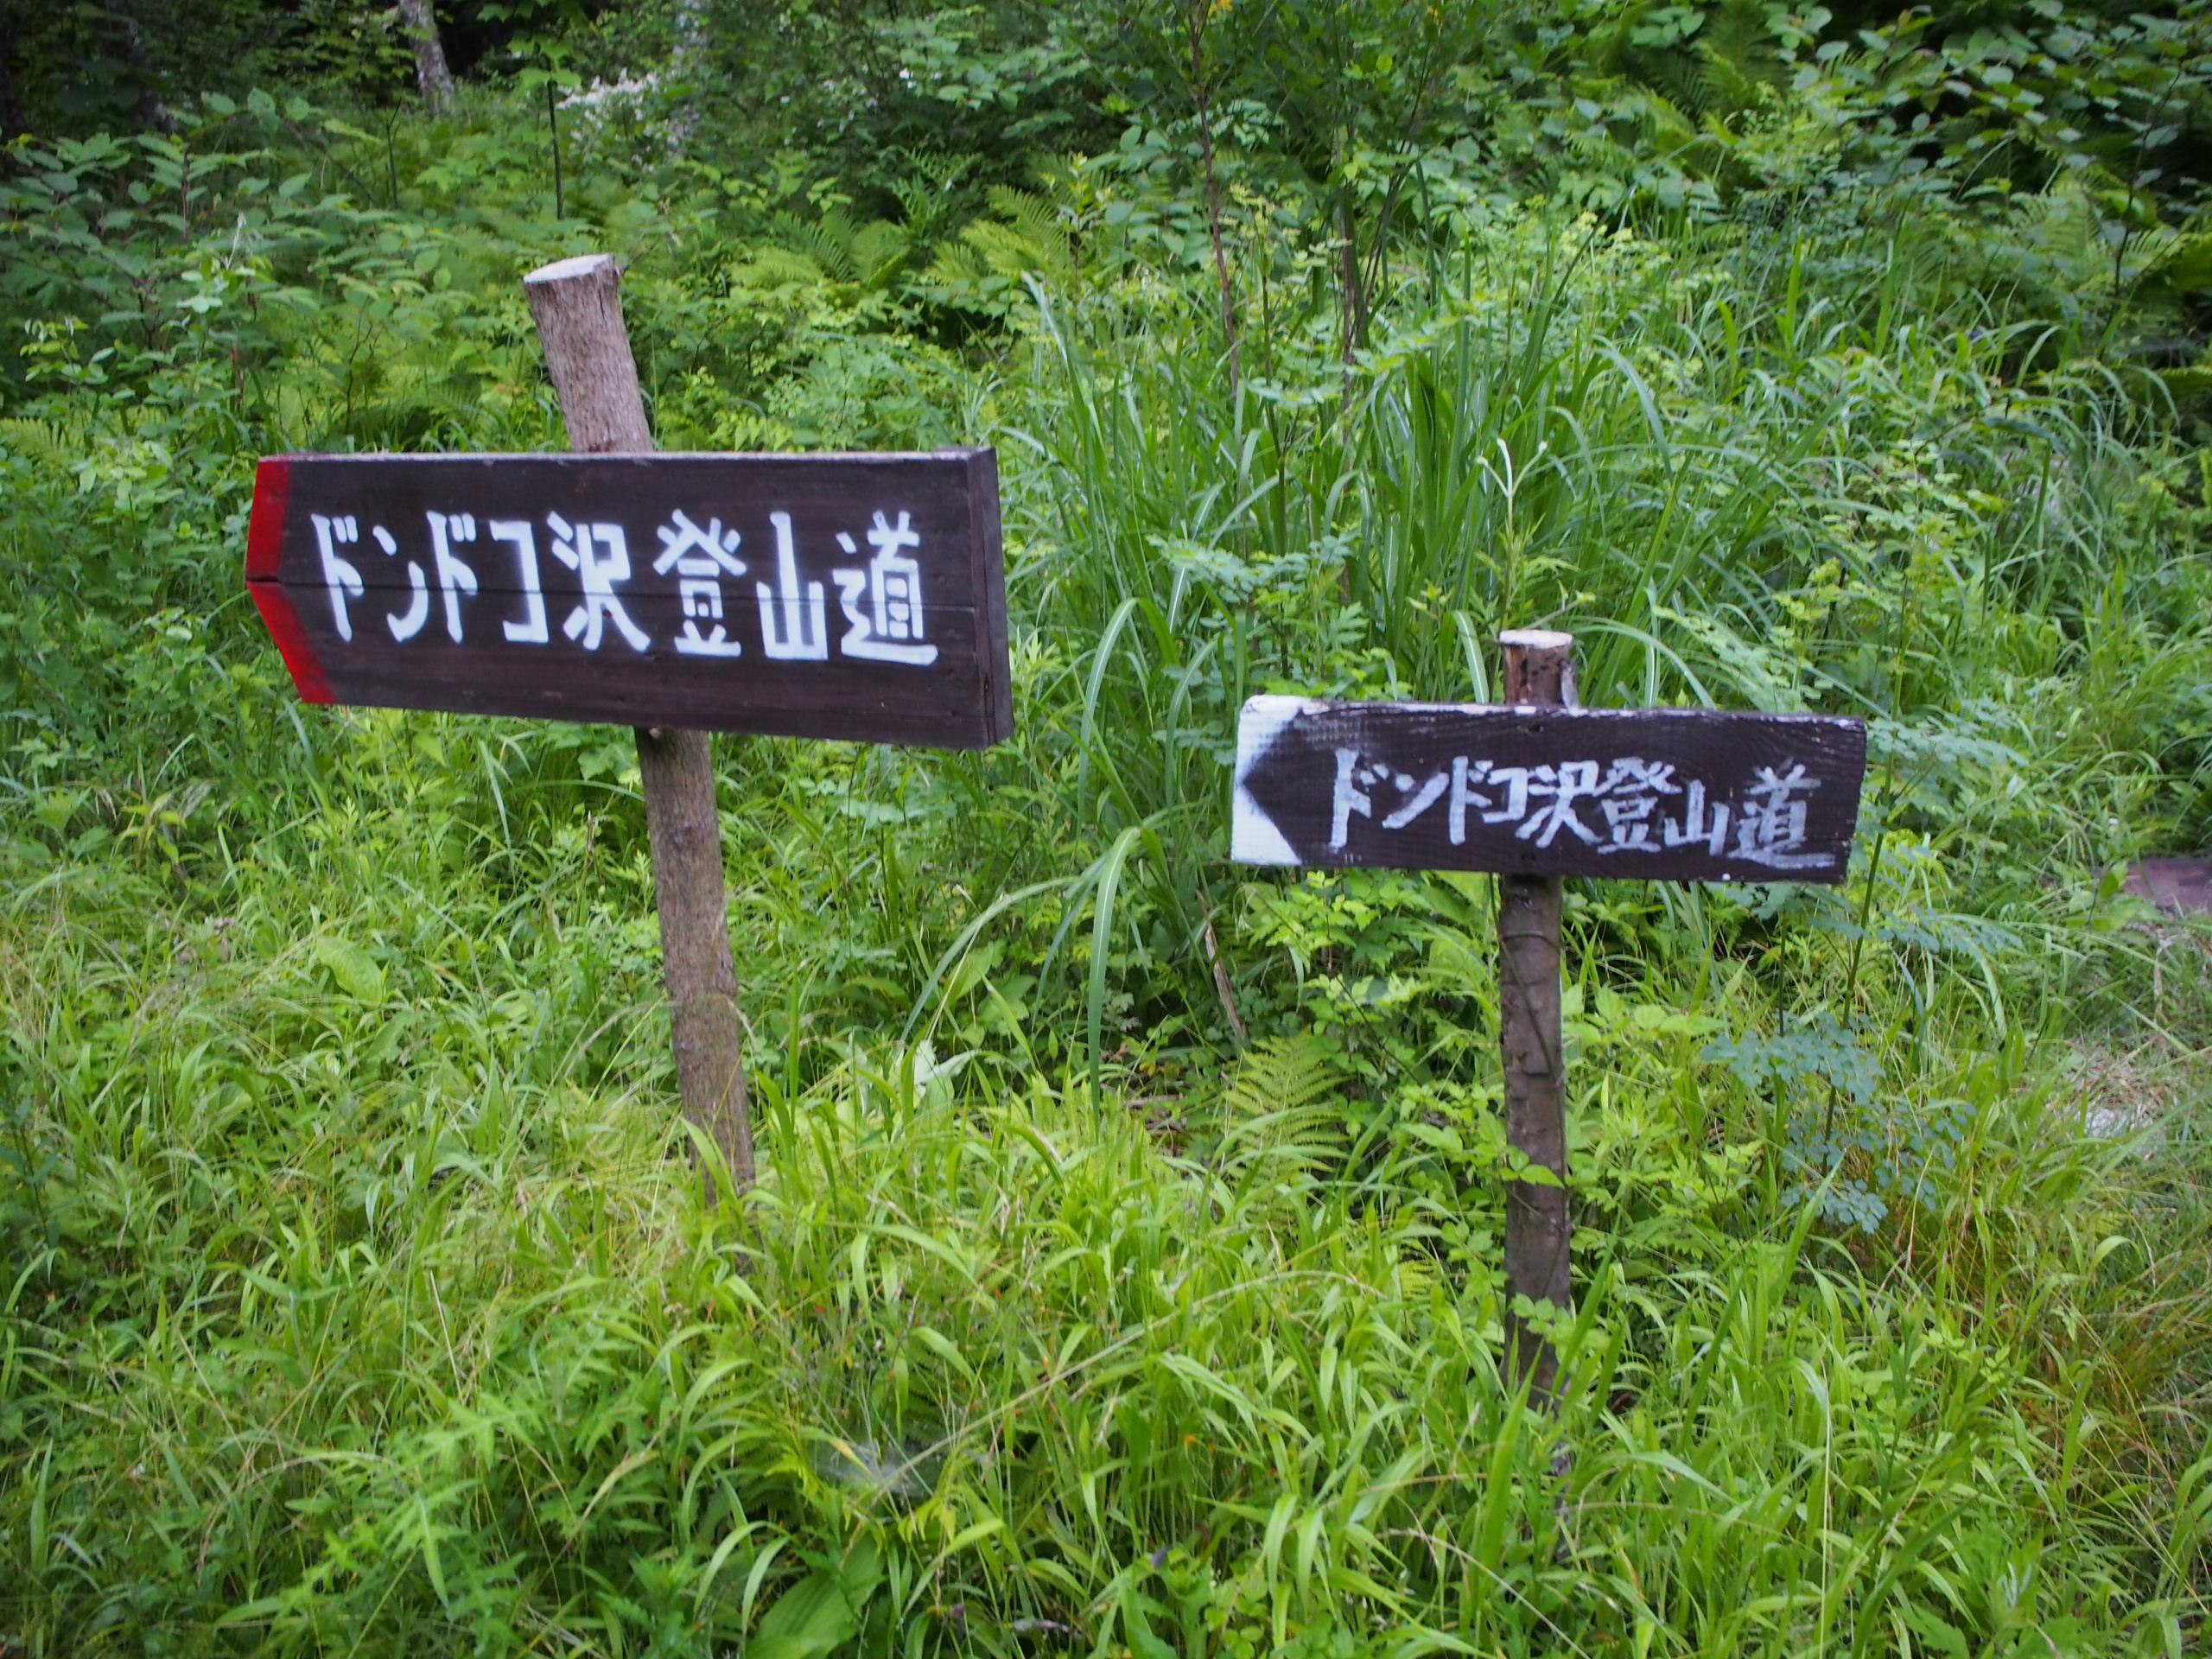 ドンドコ沢登山道スタート